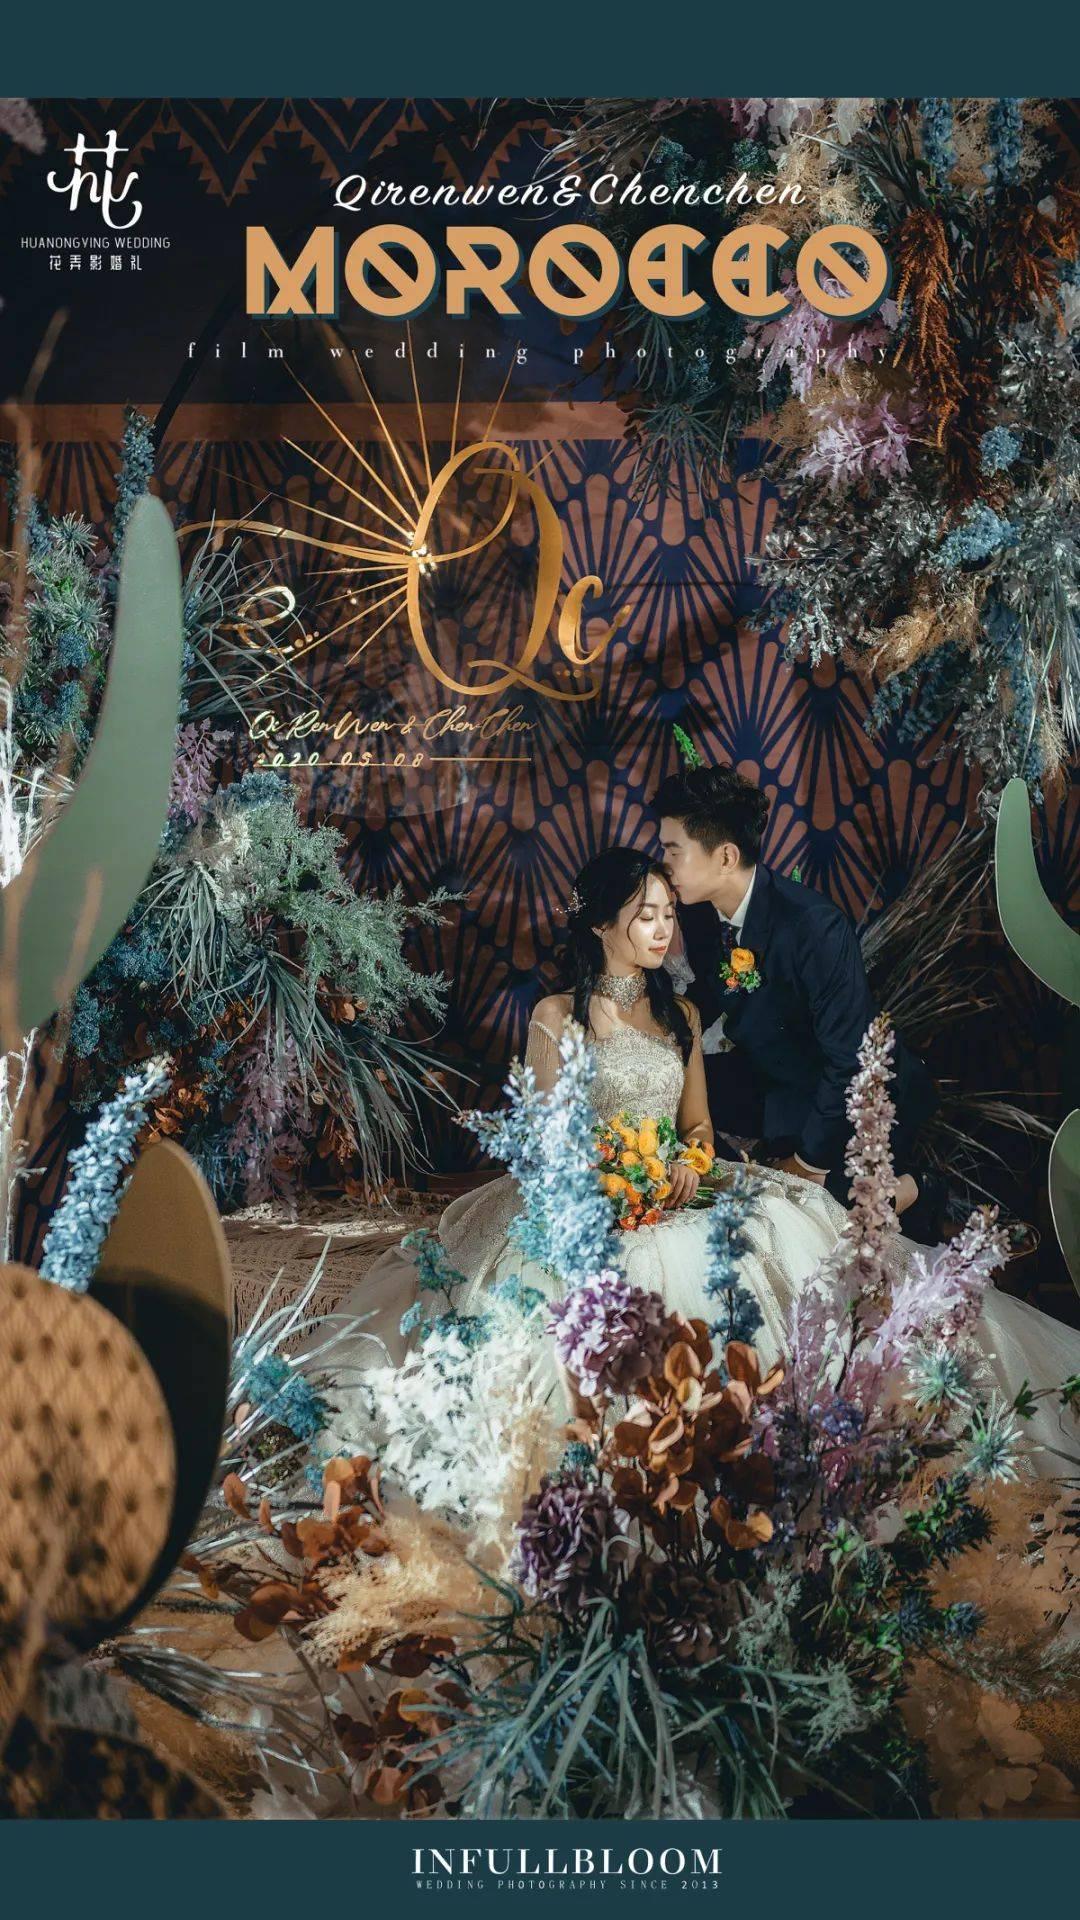 色彩丰富的摩洛哥风情,多姿多彩的油画婚礼,你是我的一千零一夜